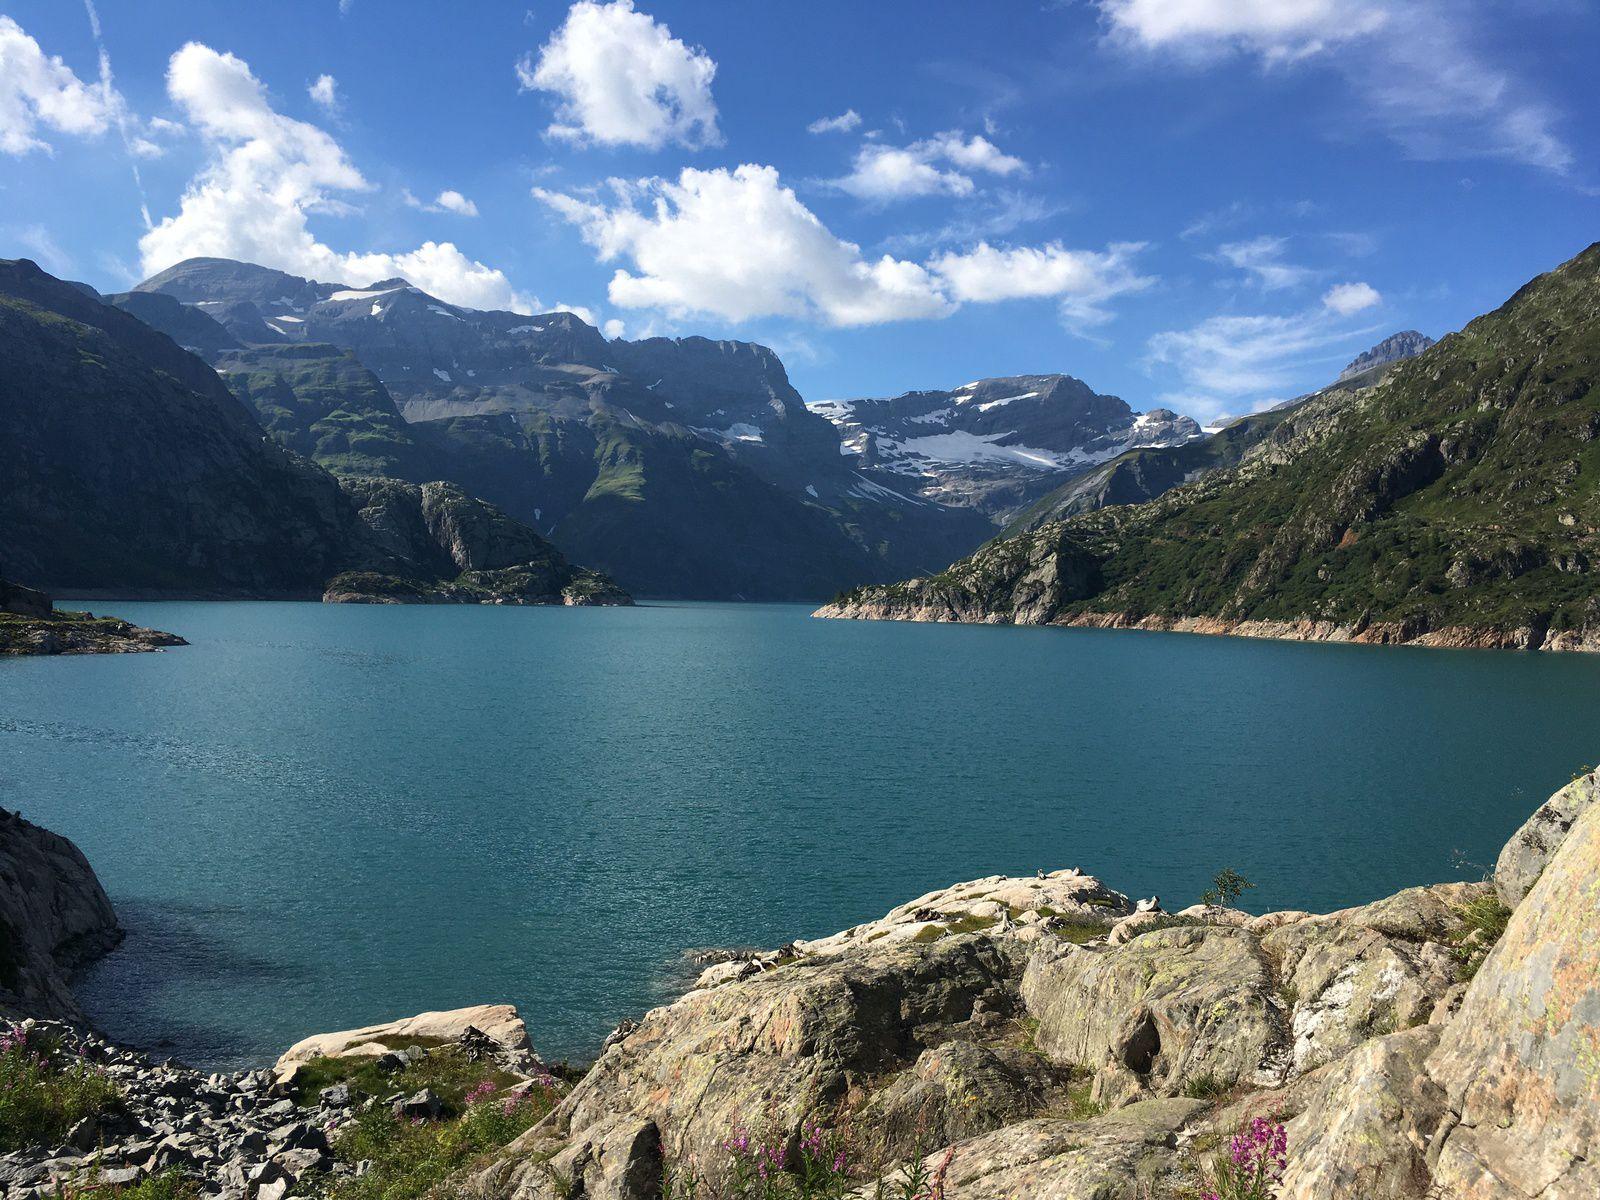 7-8-9 août 2020 : Week-end au lac d'Emosson (Suisse)